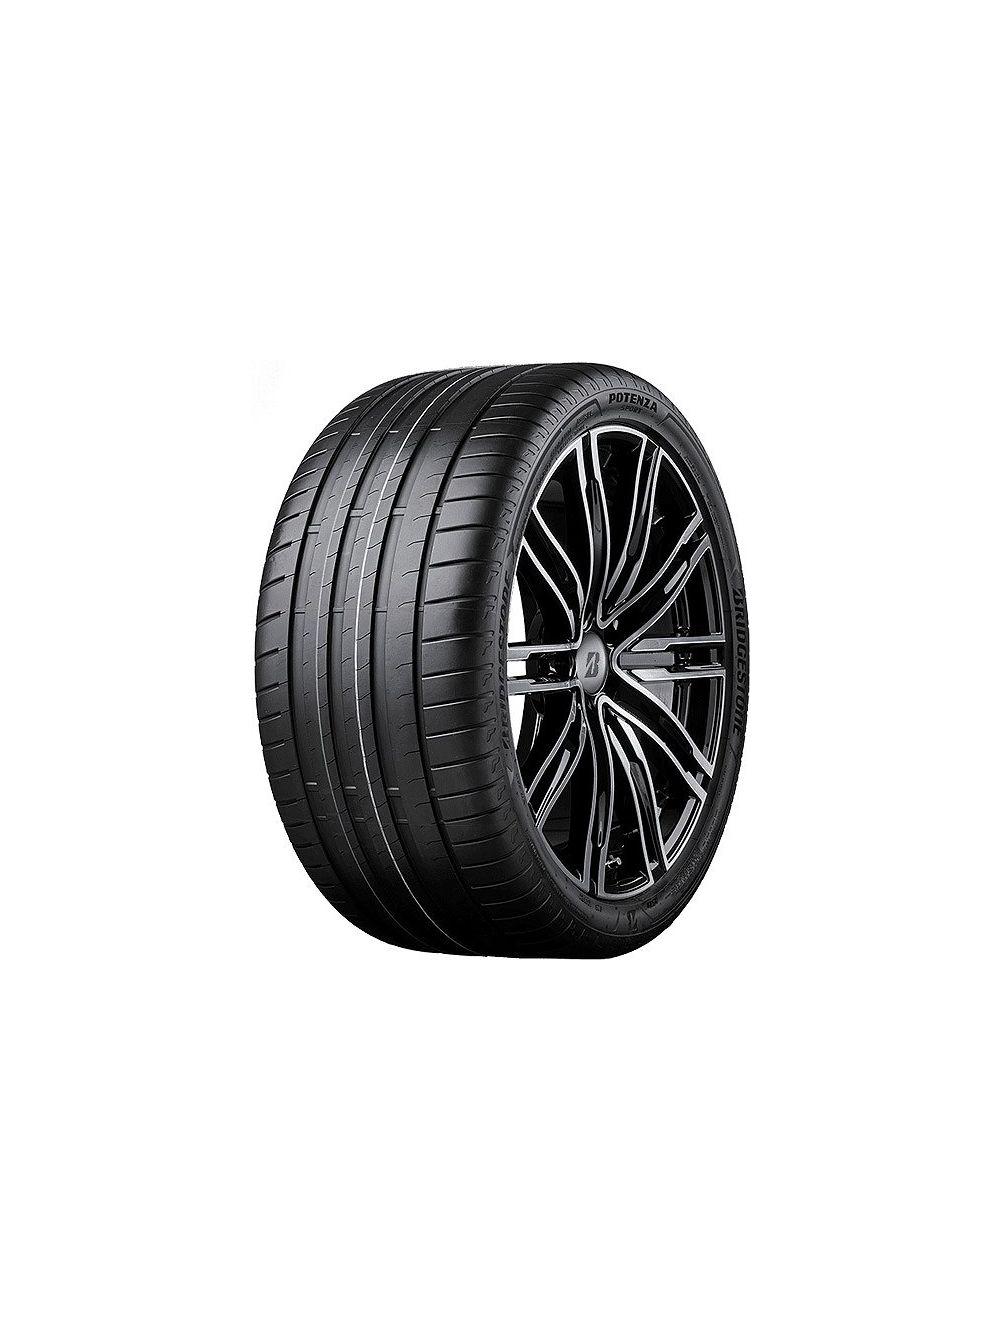 Bridgestone 245/35R20 Y PotenzaSport XL Nyári gumi